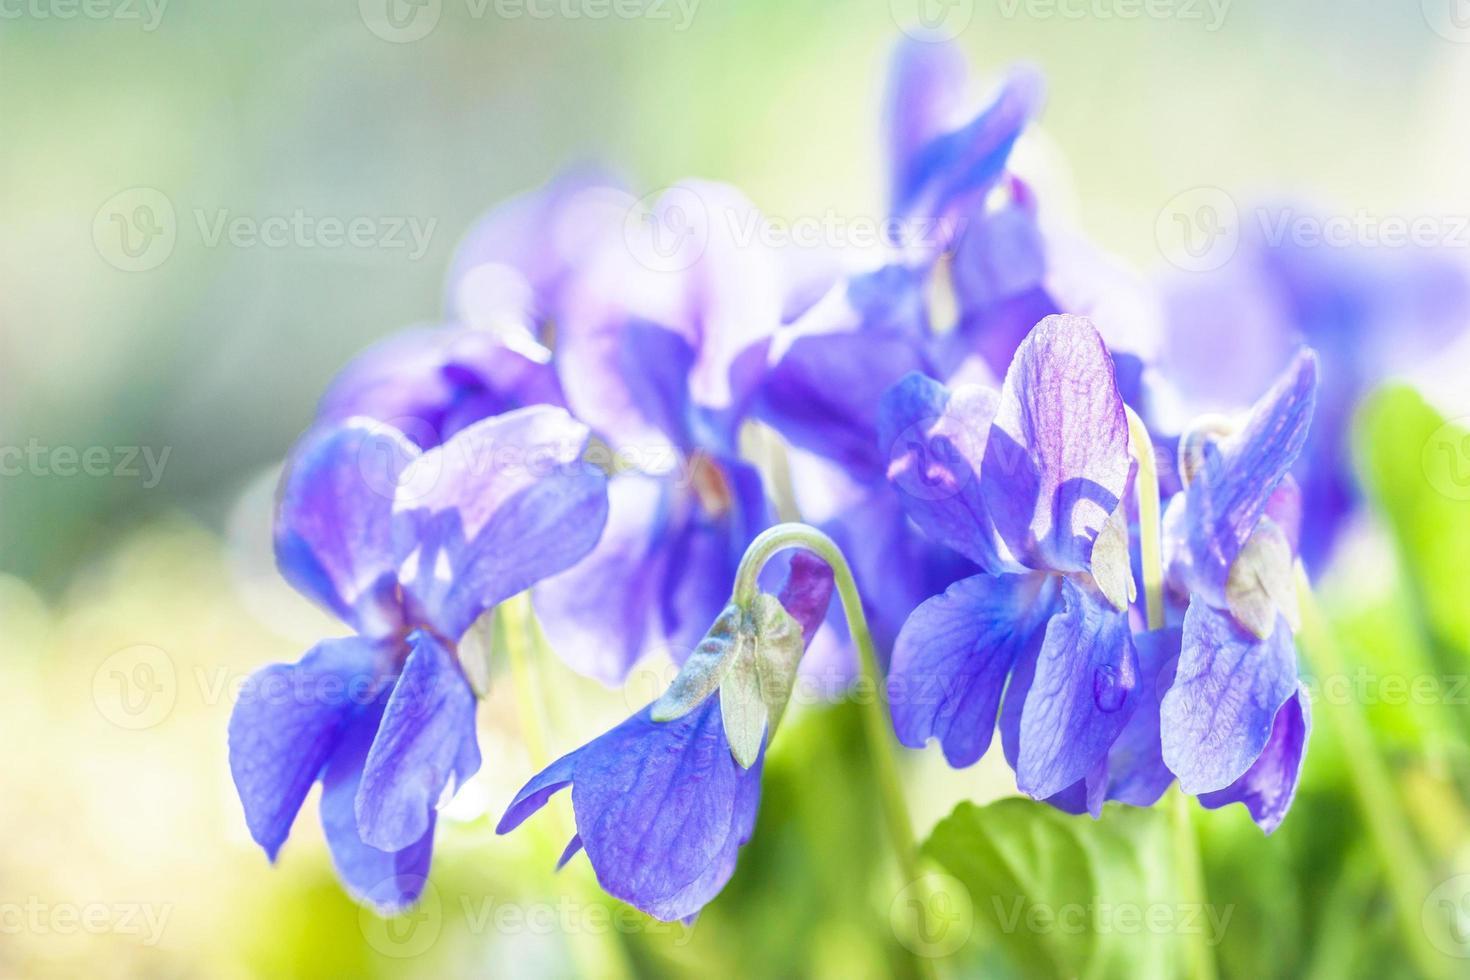 parfum de violette photo